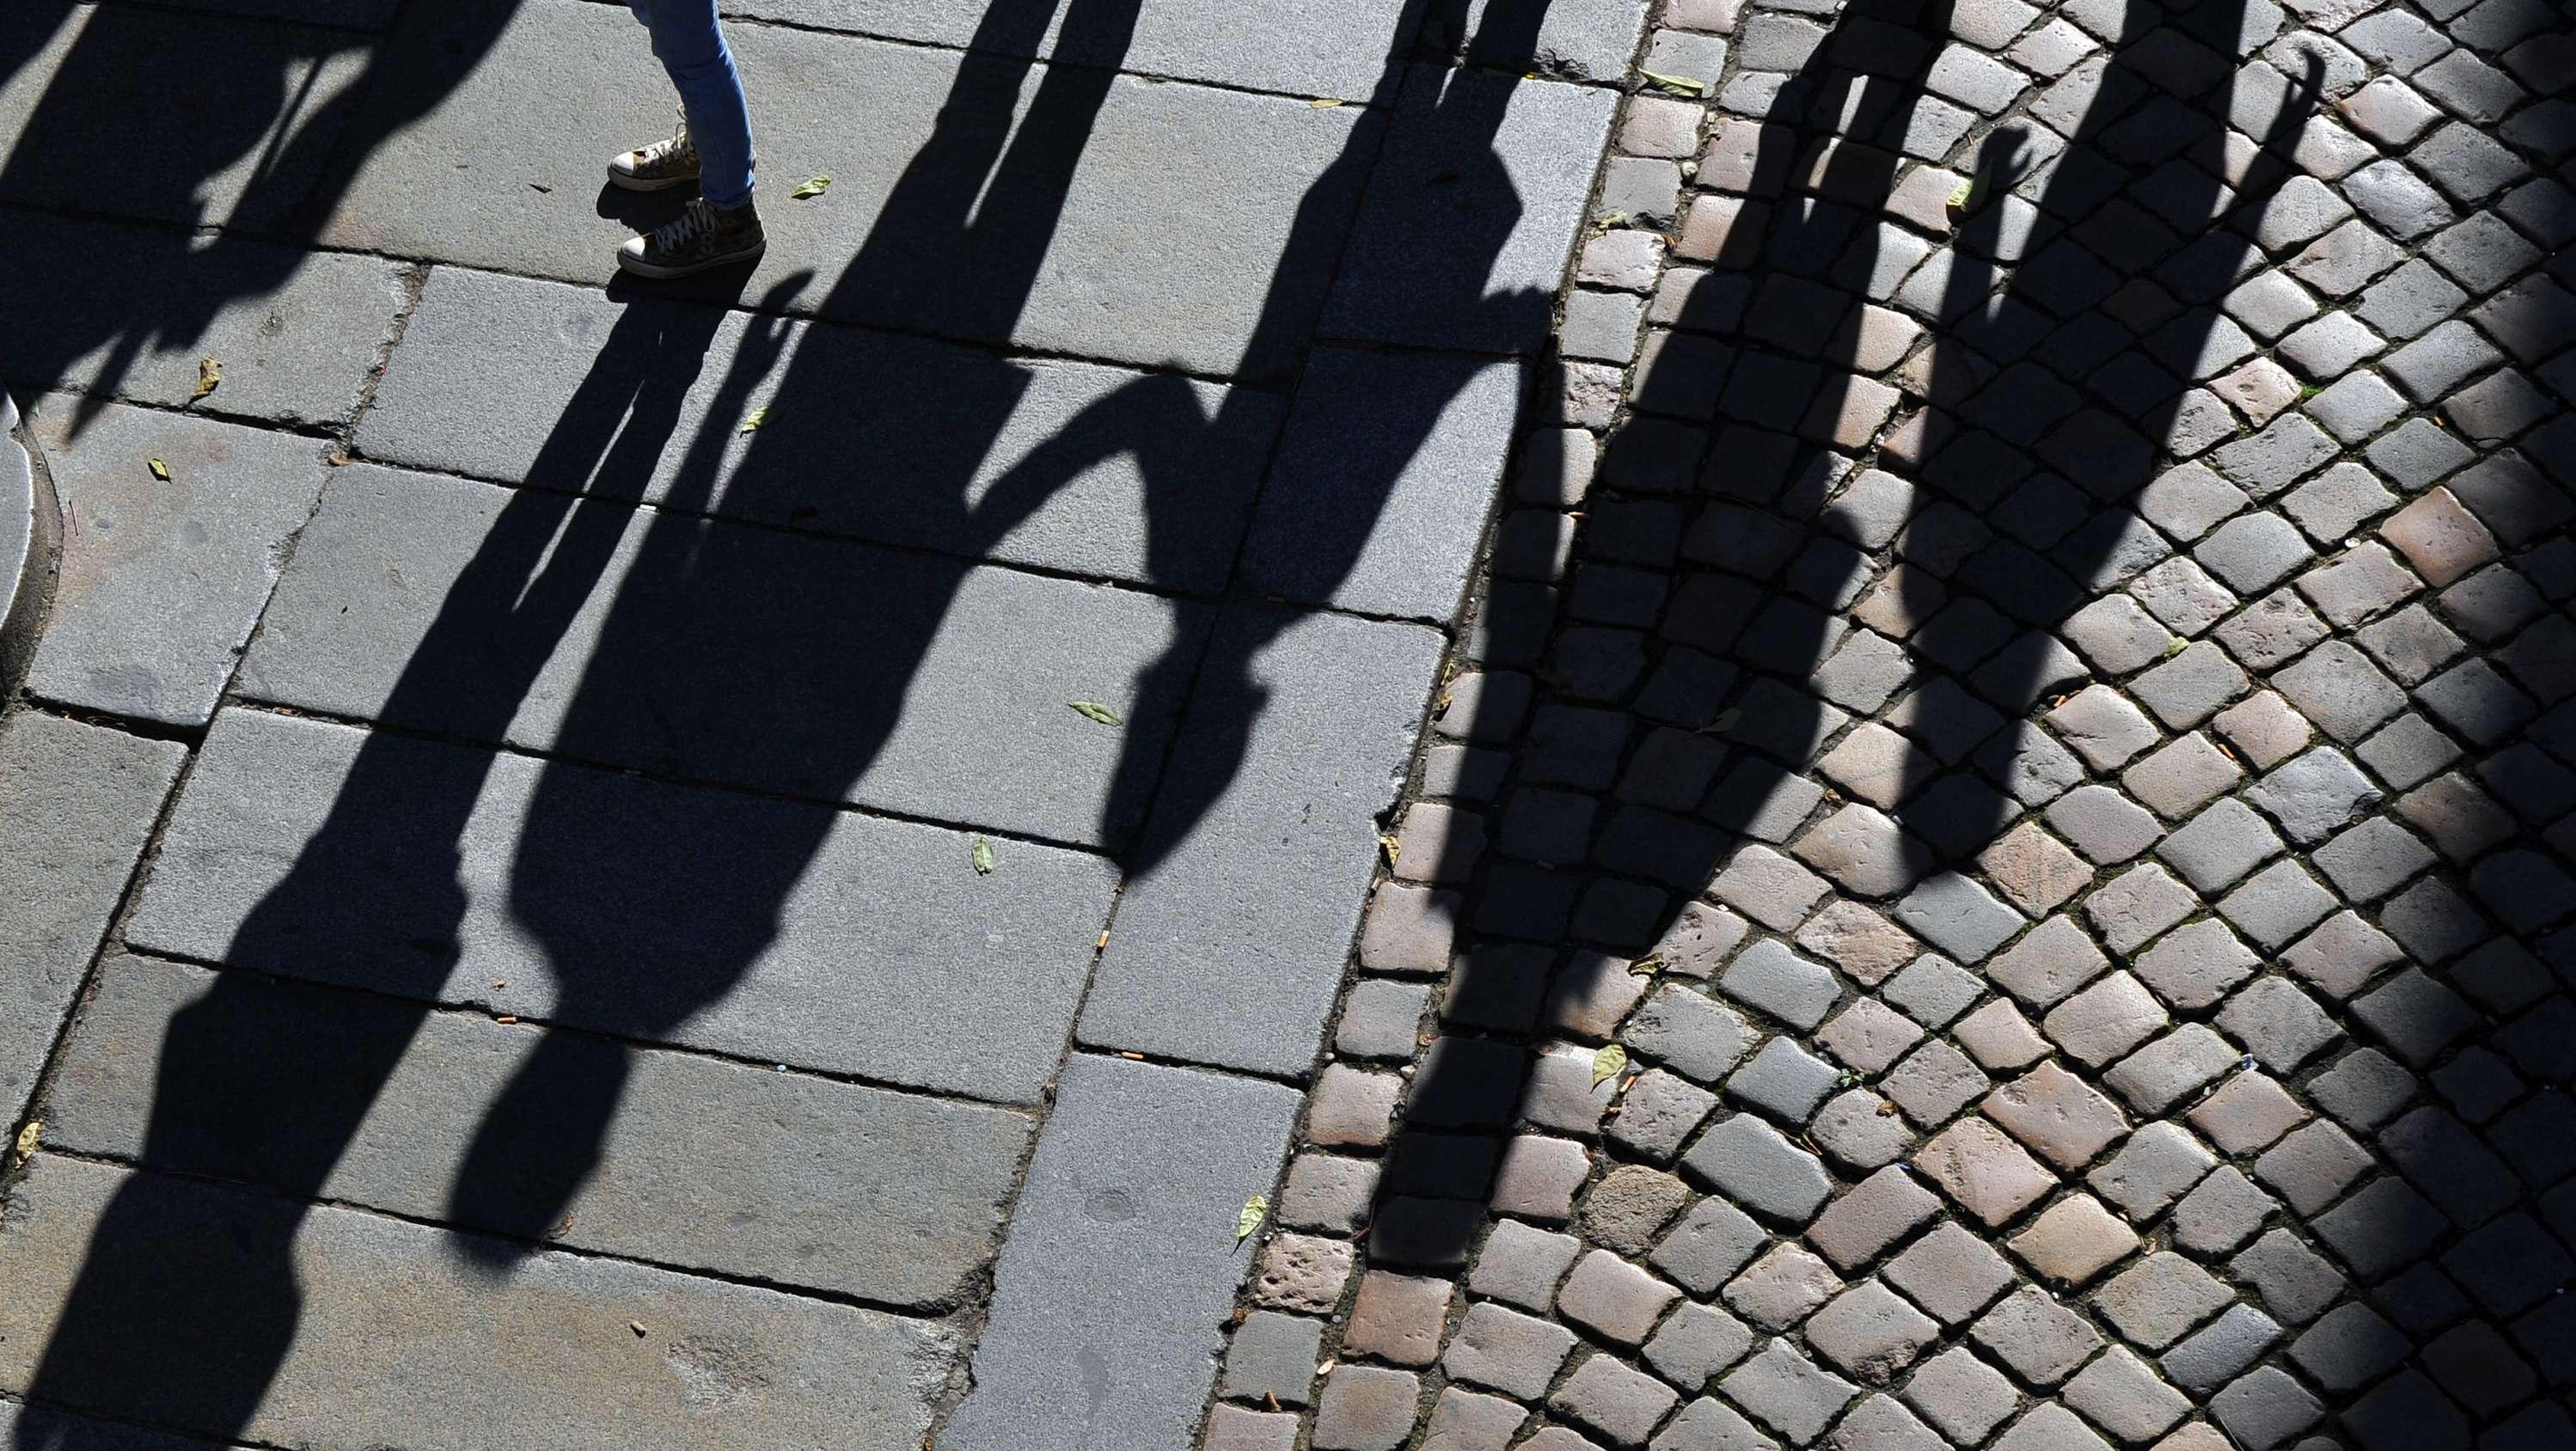 Symbolbild: Schatten von Personen unterschiedlichen Alters auf dem Asphalt